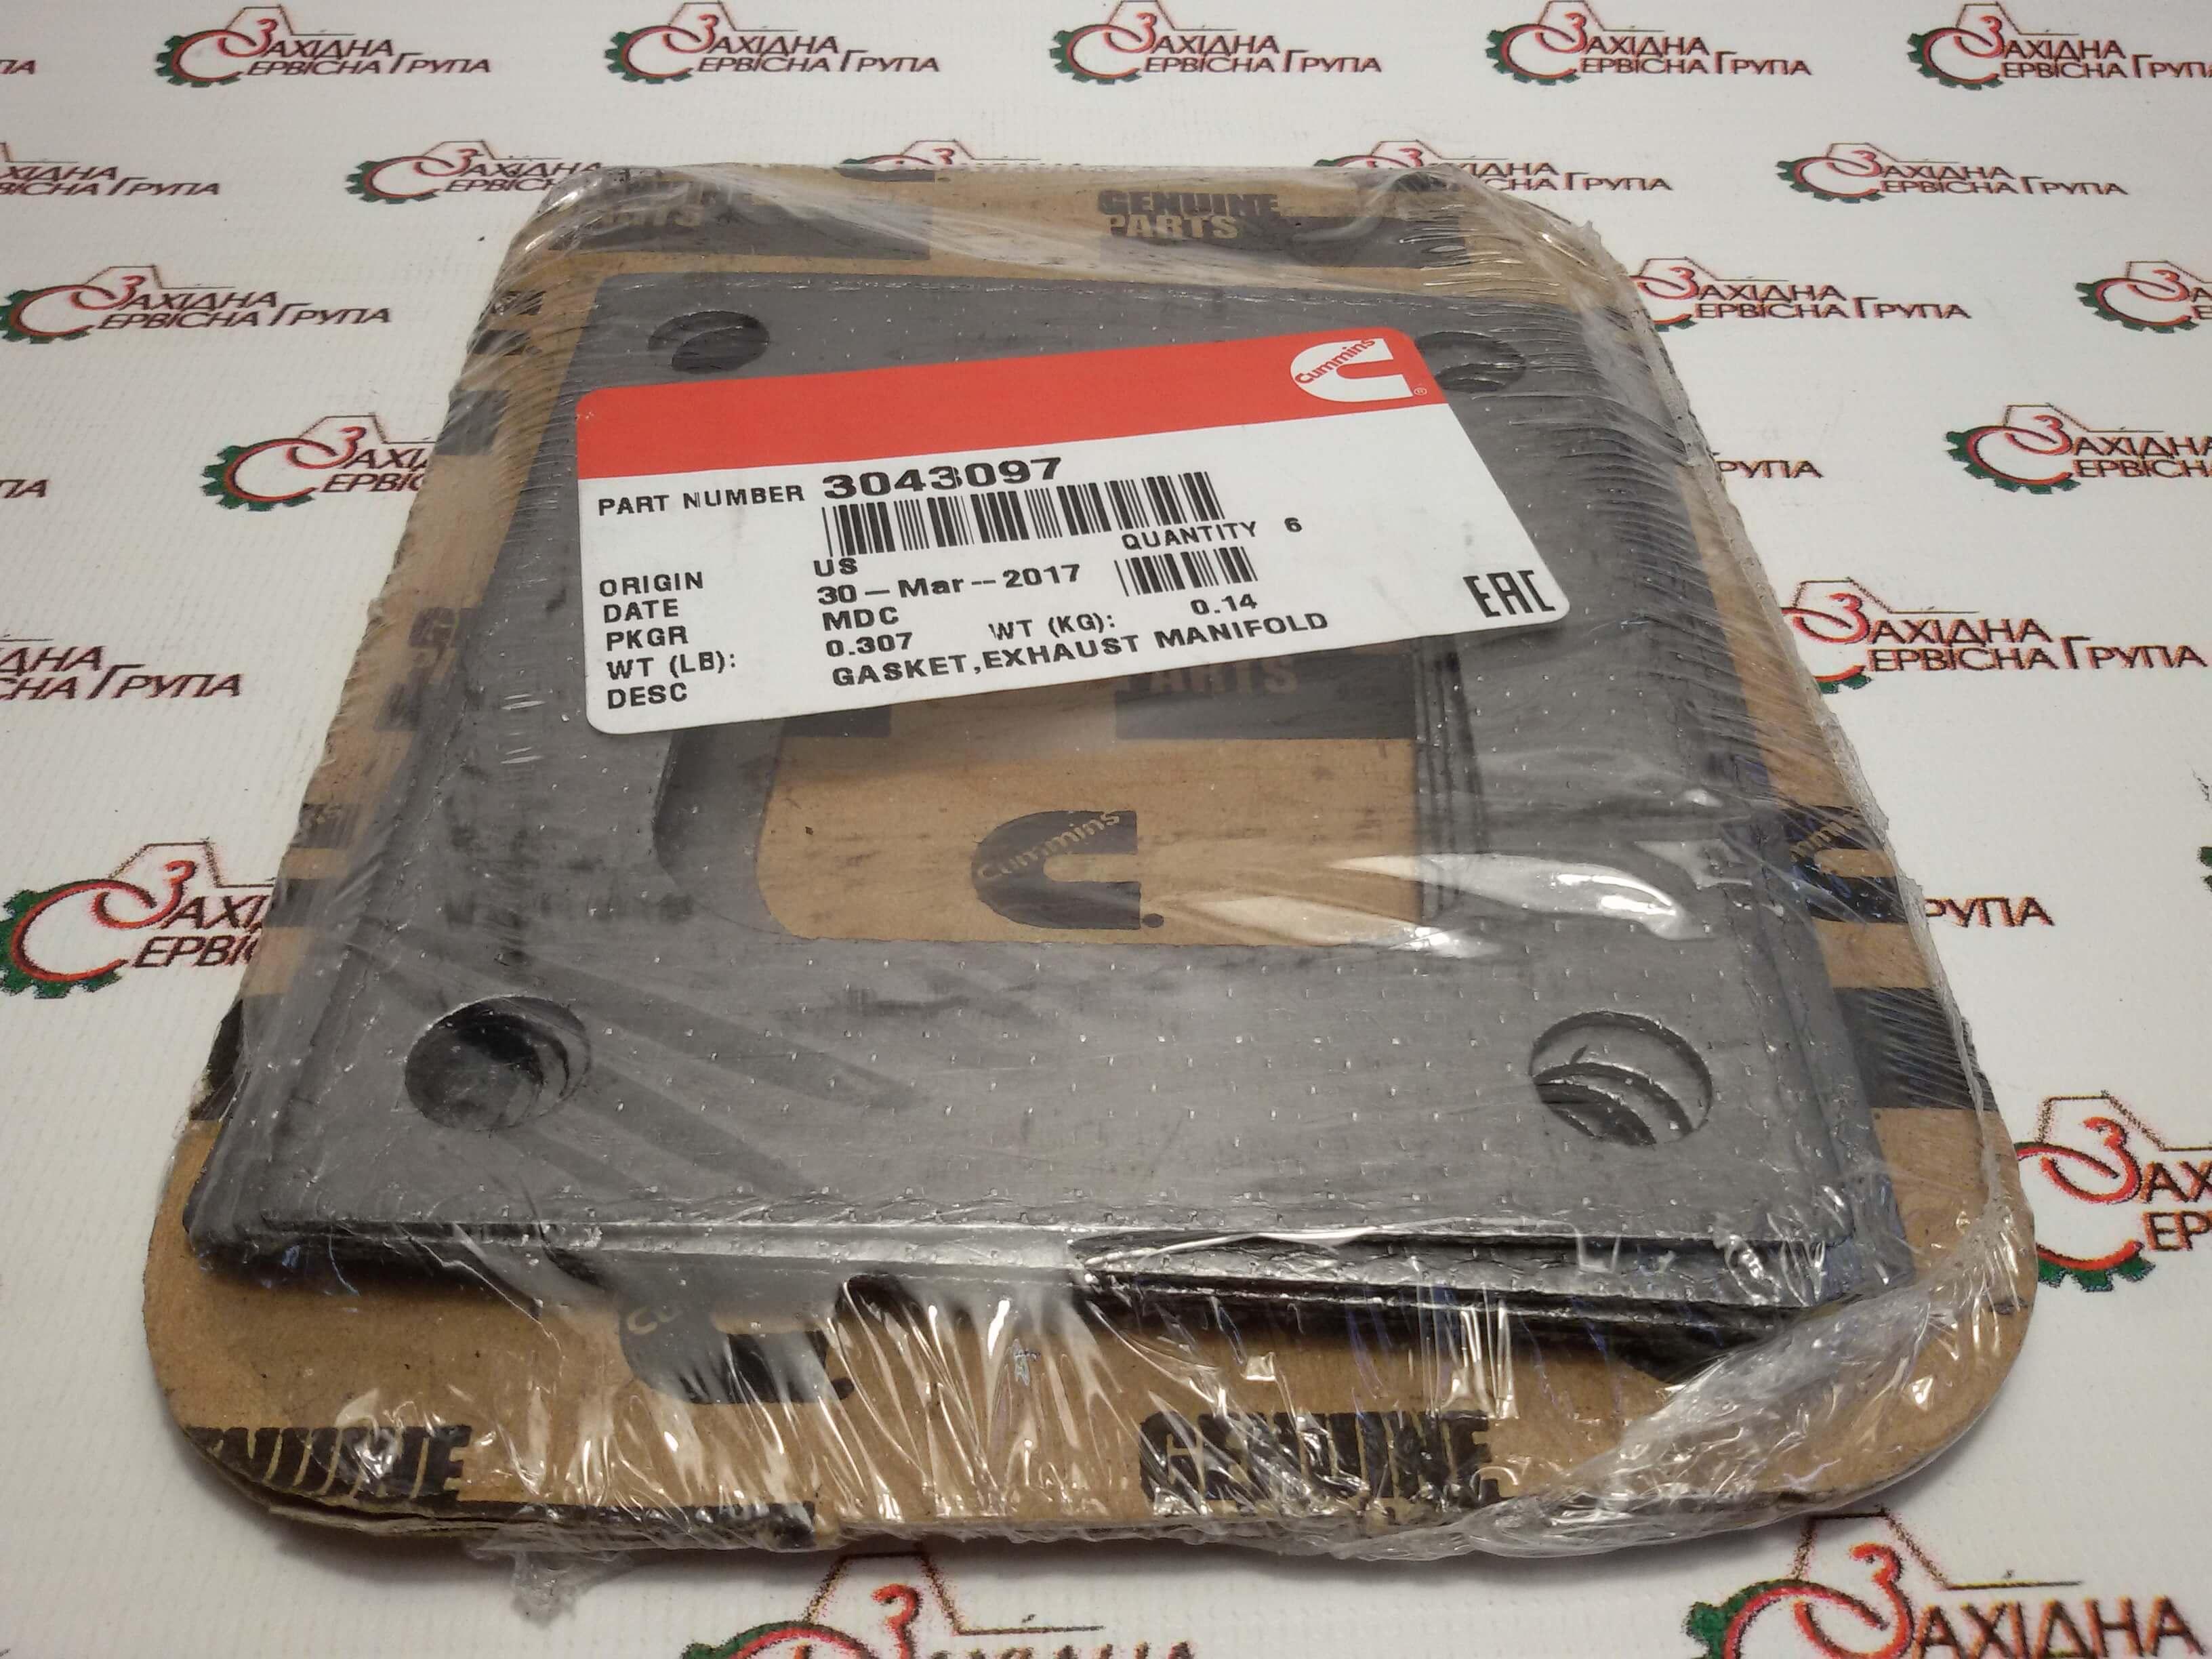 Прокладка выпускного коллектора двигателя Cummins KTA19, 3043097, 205196.